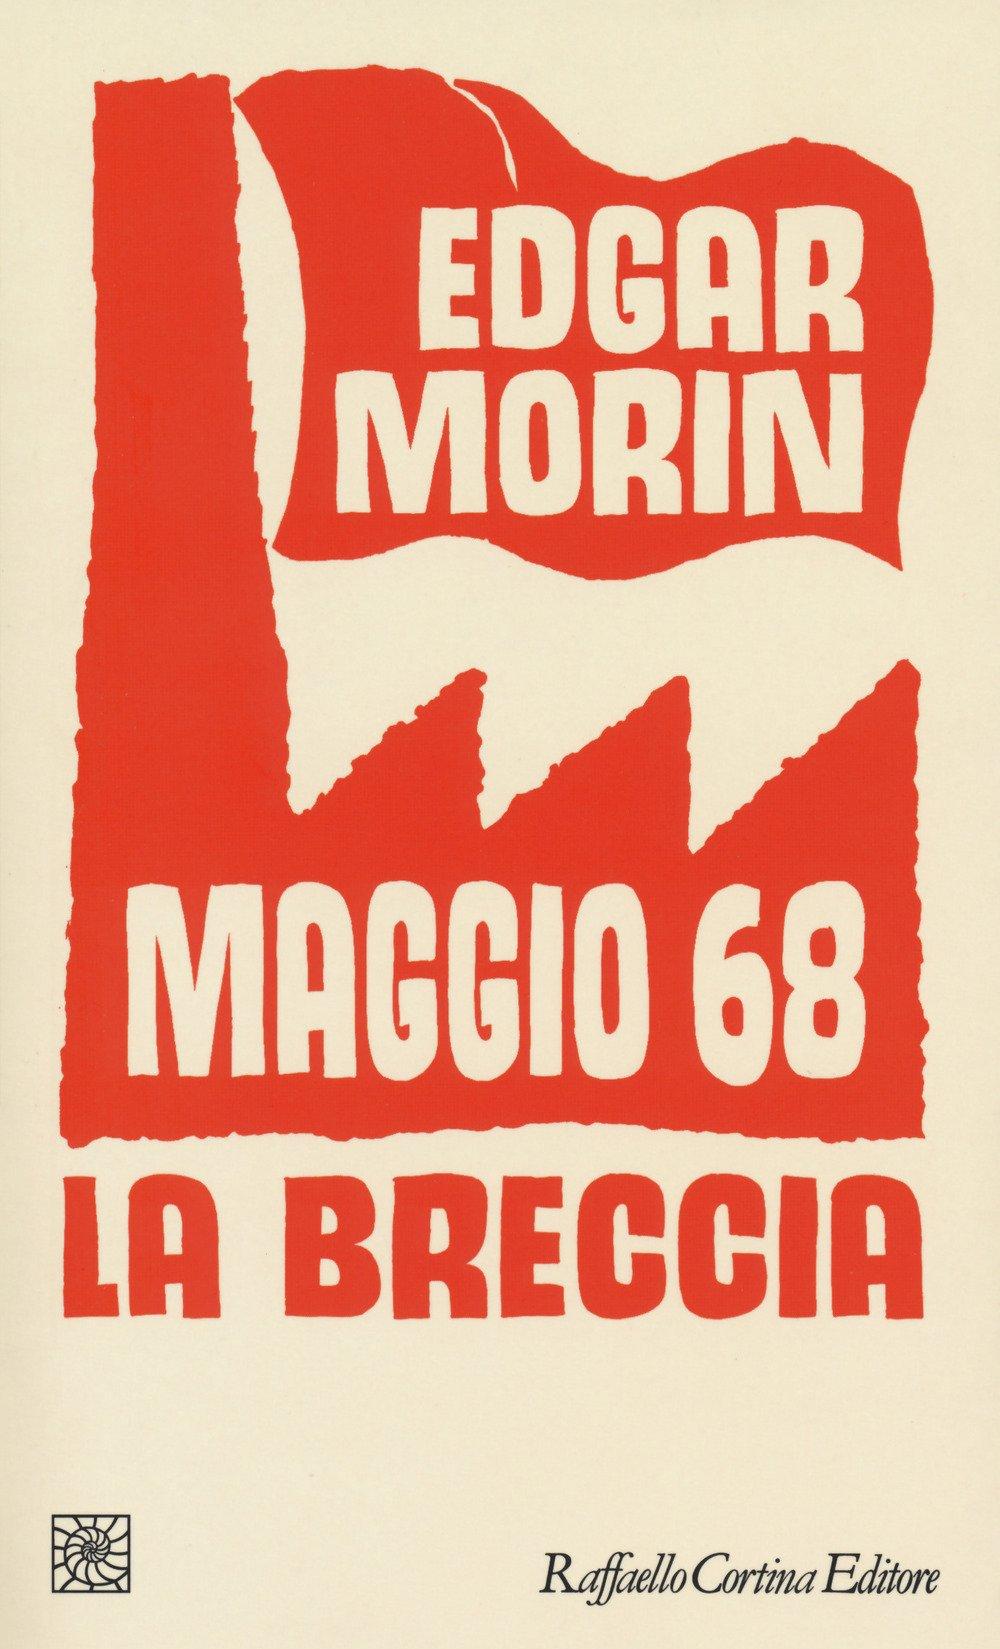 Edgar Morin - Maggio '68. La breccia (Cortina, 2018) 1 - fanzine